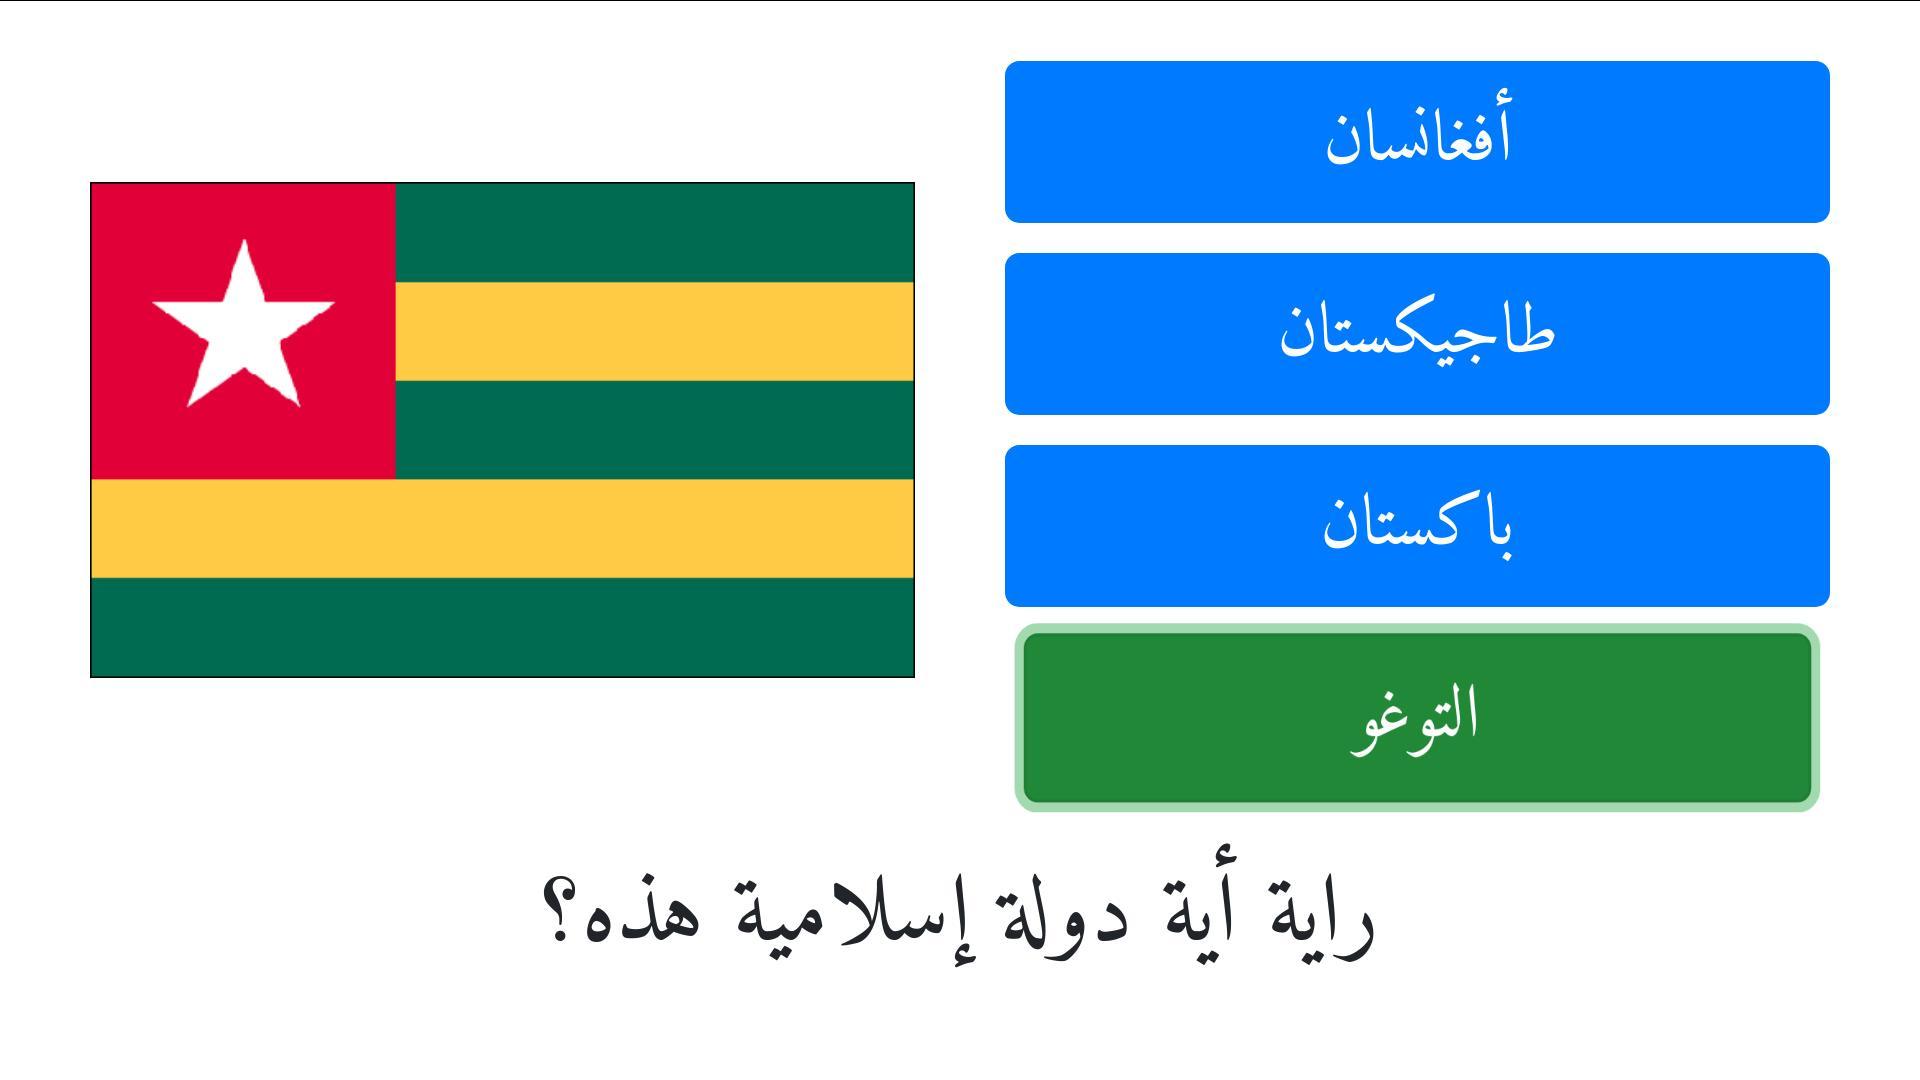 أعلام الدول الإسلامية وأسماؤها مع الصور For Android Apk Download